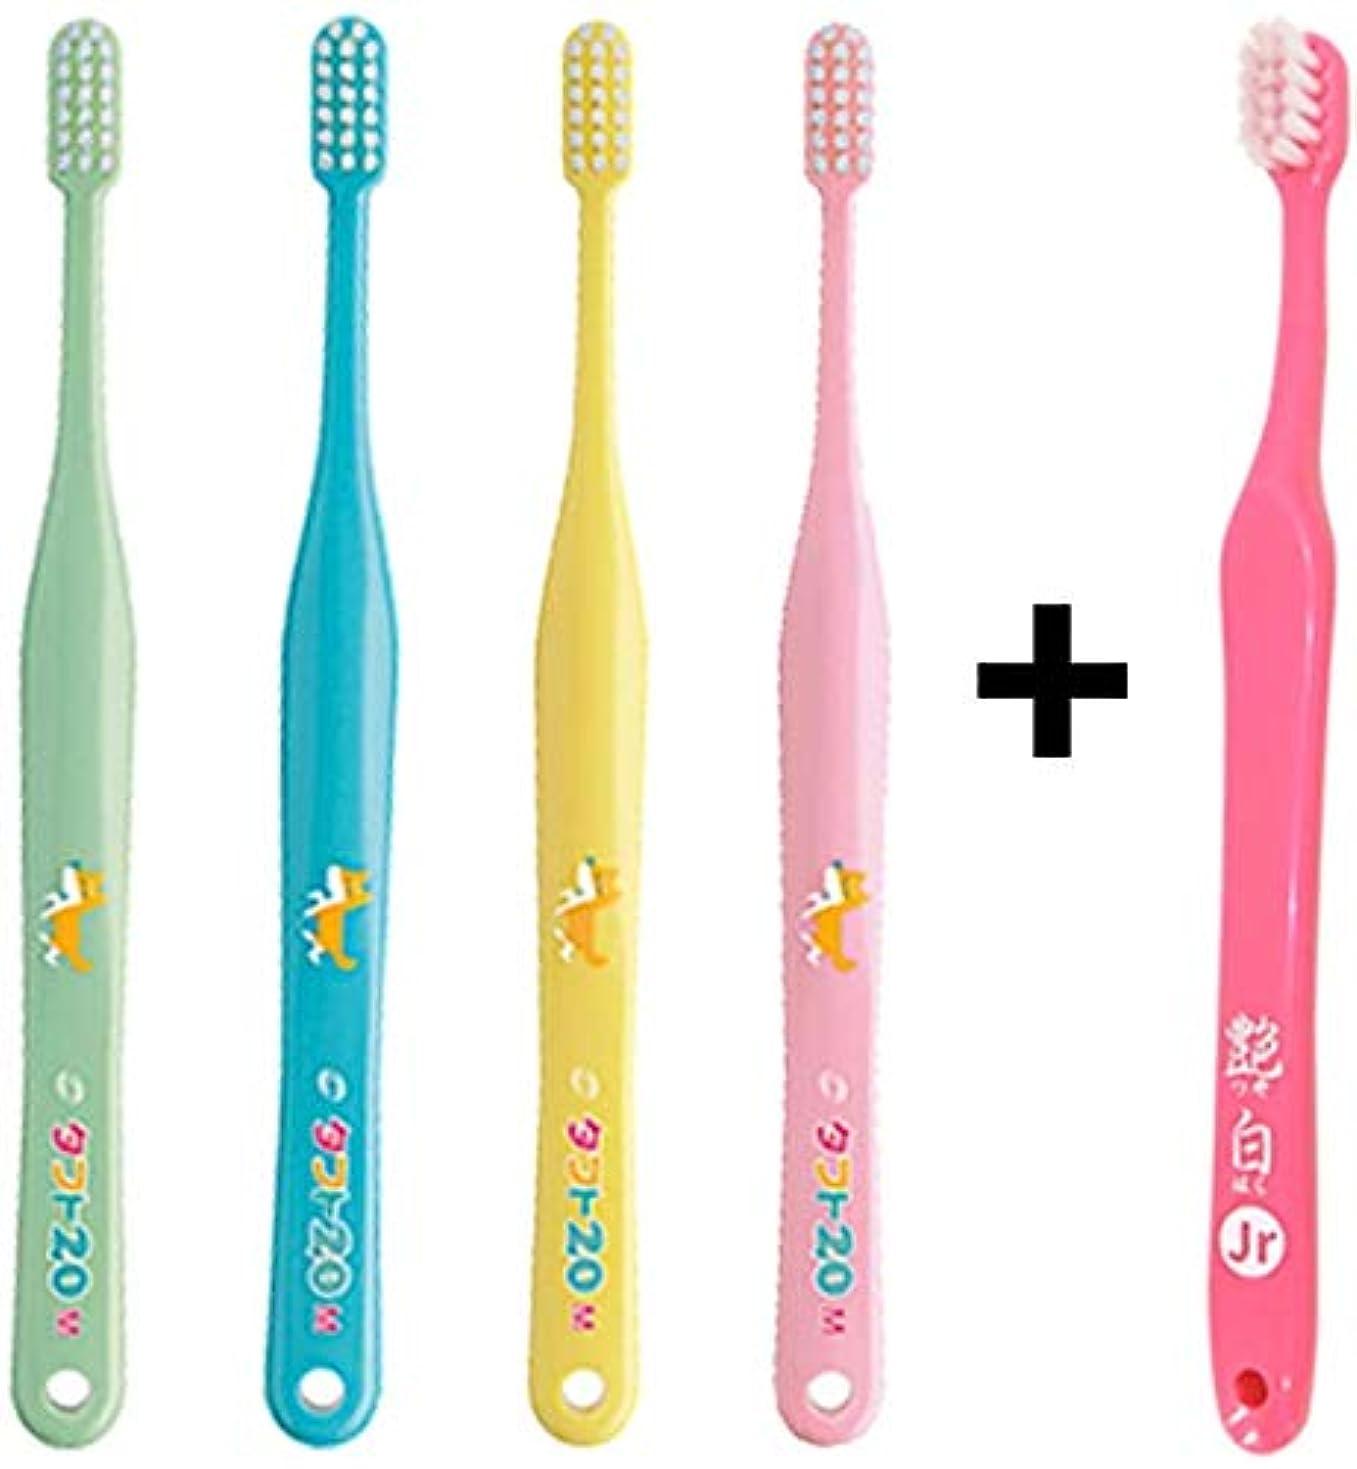 病気の最初は収穫タフト20 M(ふつう) こども 歯ブラシ×10本 + 艶白(つやはく) Jr ジュニア ハブラシ×1本 MS(やややわらかめ) 日本製 歯科専売品